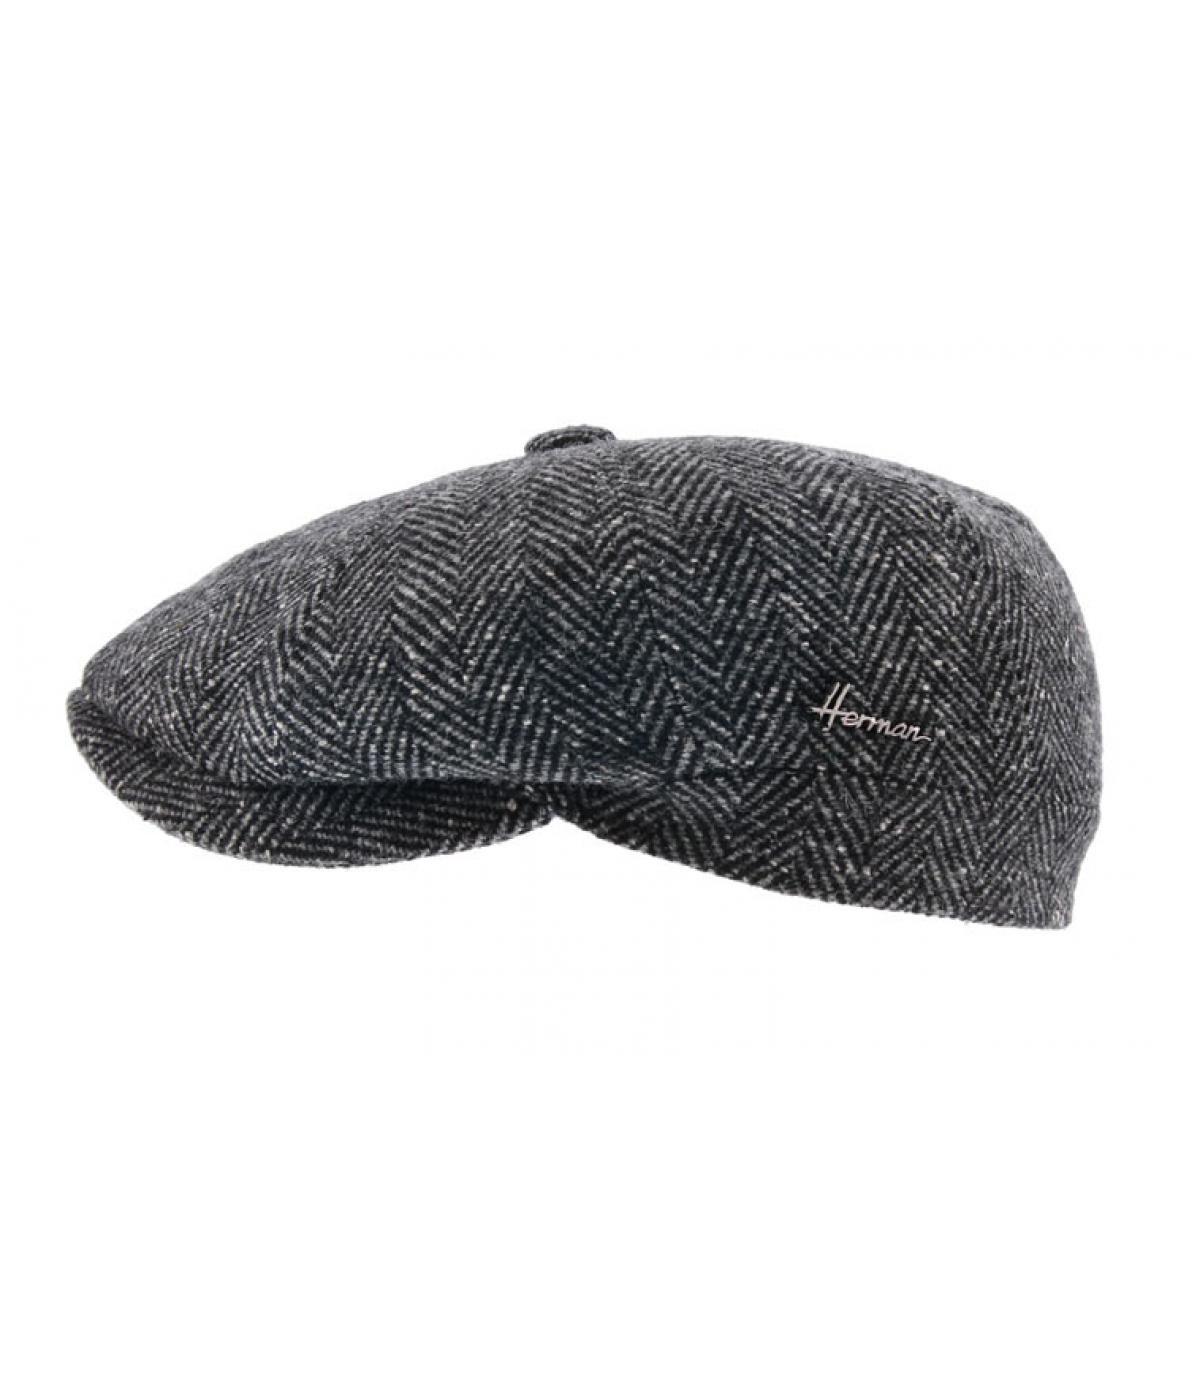 Dettagli Advancer Wool black - image 2